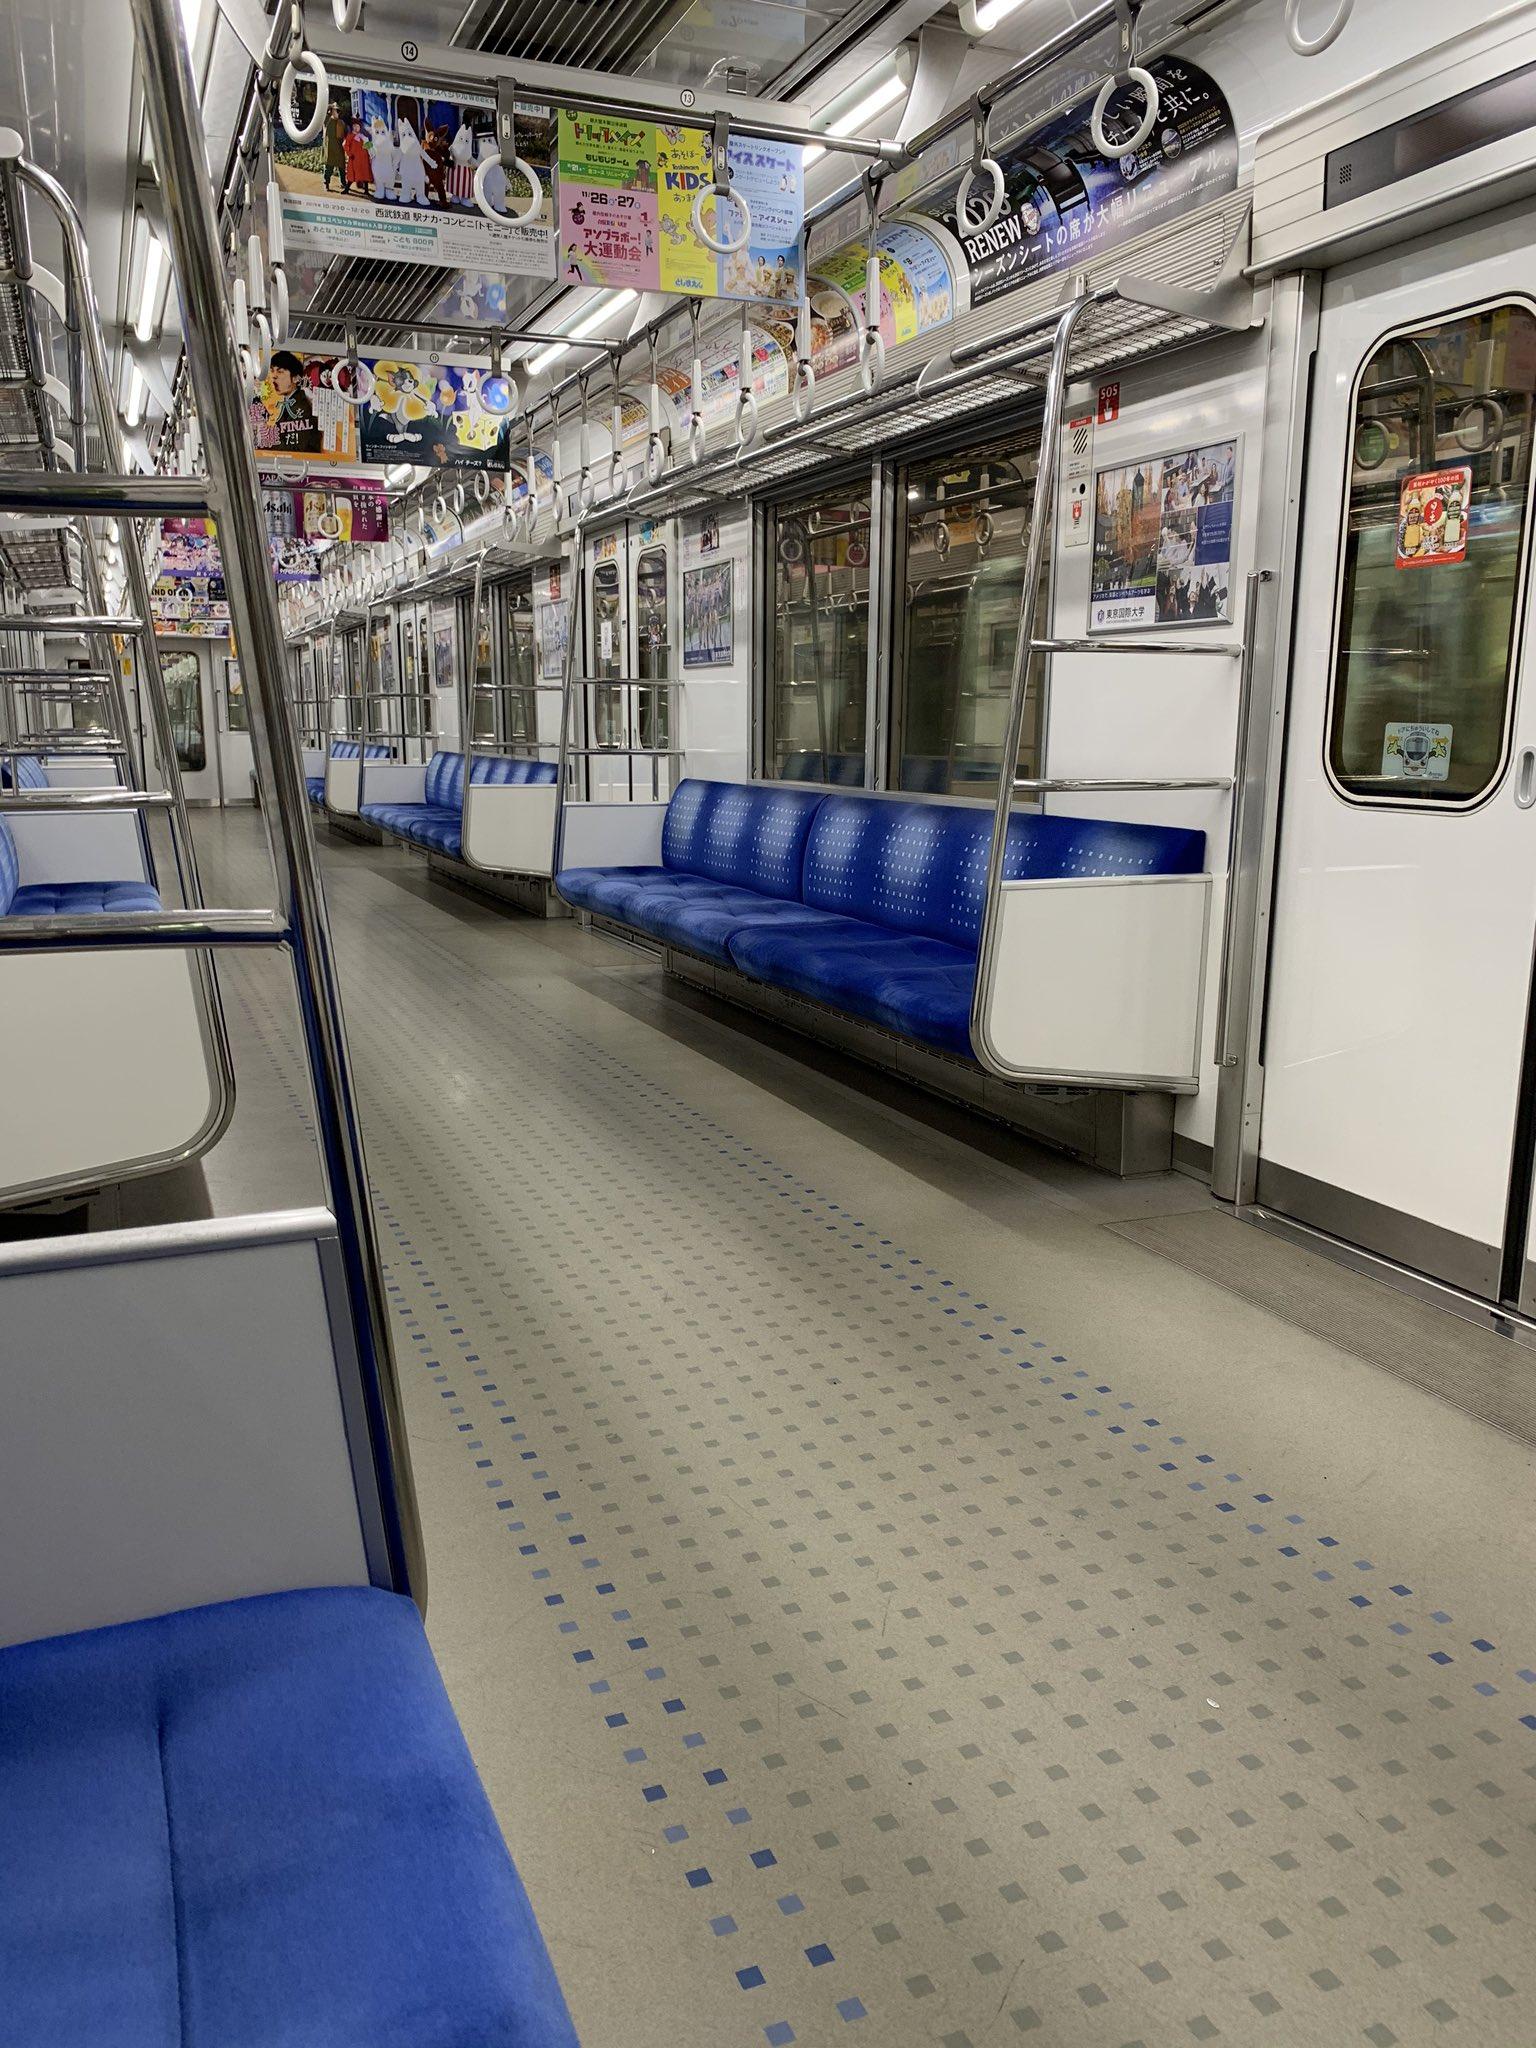 西武新宿線の井荻駅~上井草駅間で人身事故が起きた電車内の画像